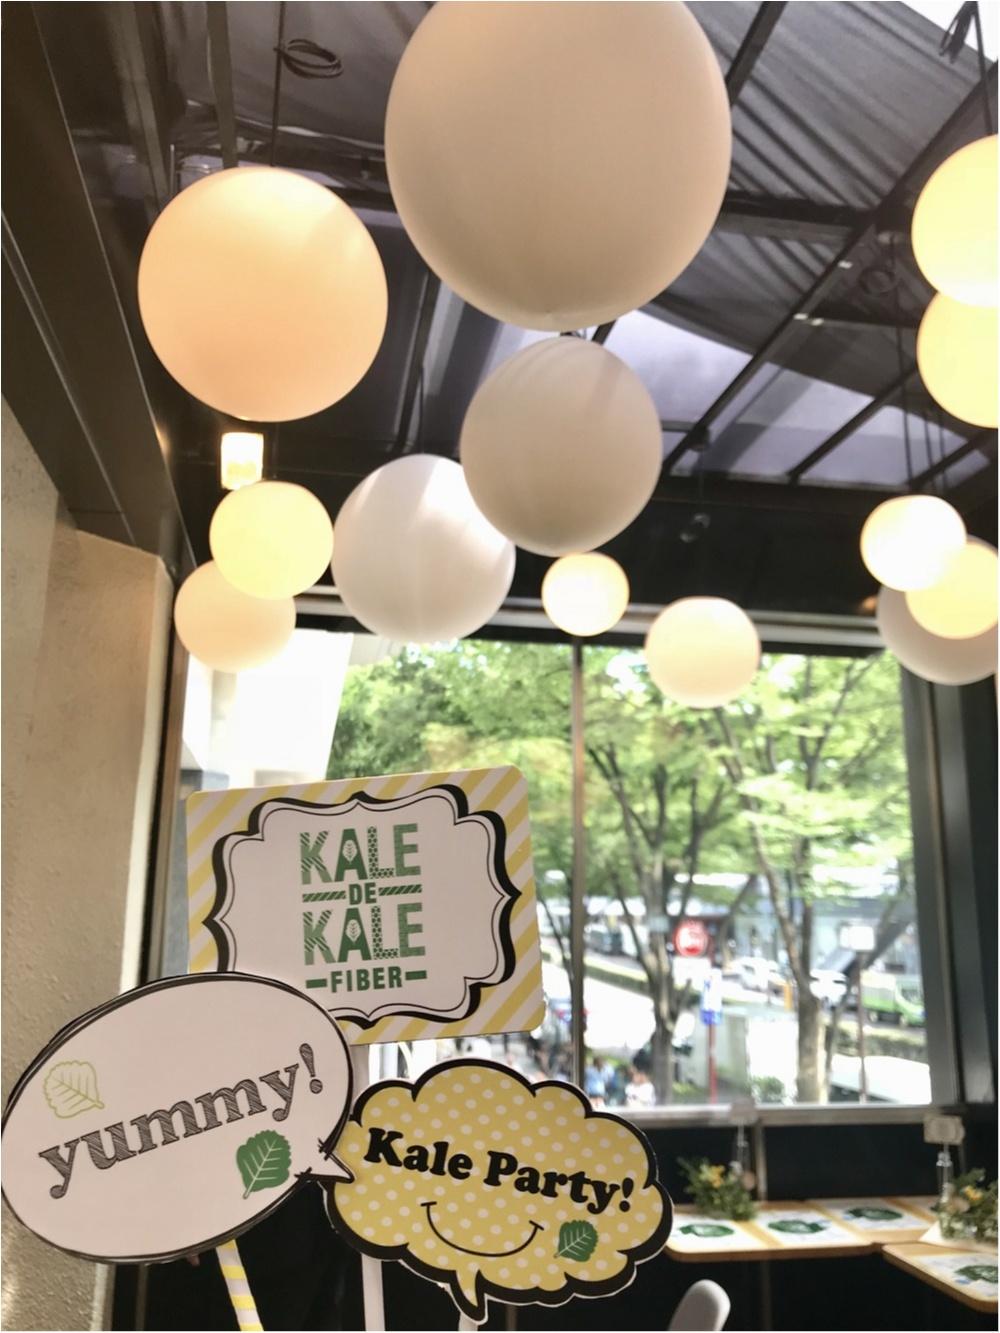 フォトジェニックな空間で、ケールを使った無料ドリンクを満喫♡ 「Q'SAI Kale de kale 表参道」!_3